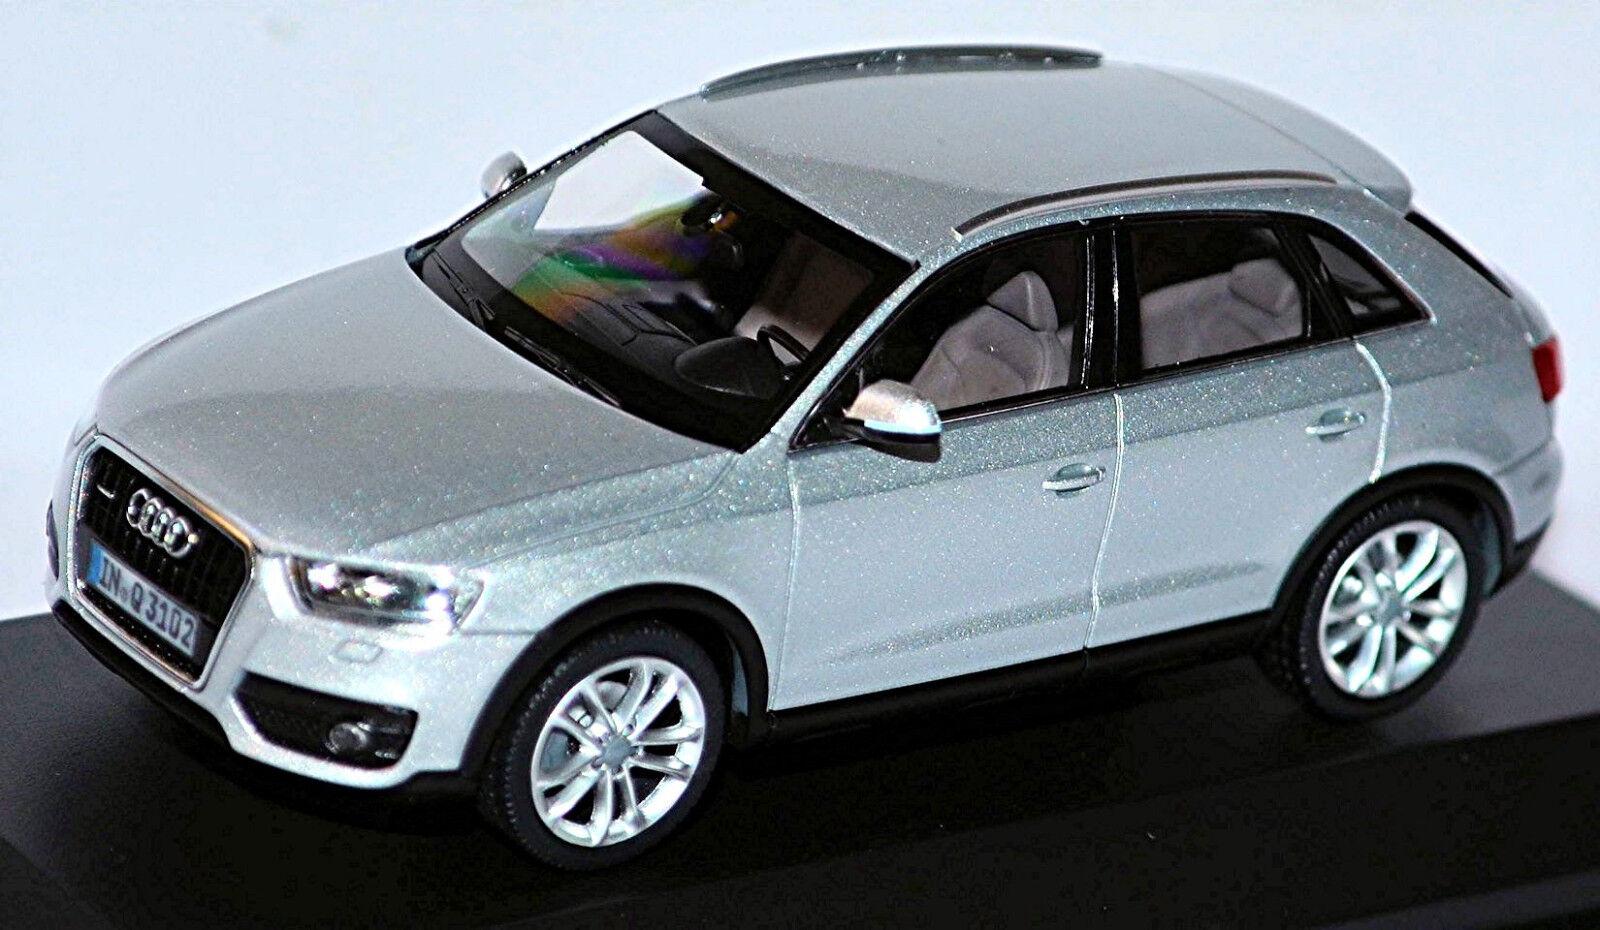 Audi Q3  Type  8u Tous-Terrains 2011-14 Glace Argent Métallique 1 43 Schuco  plus vendu